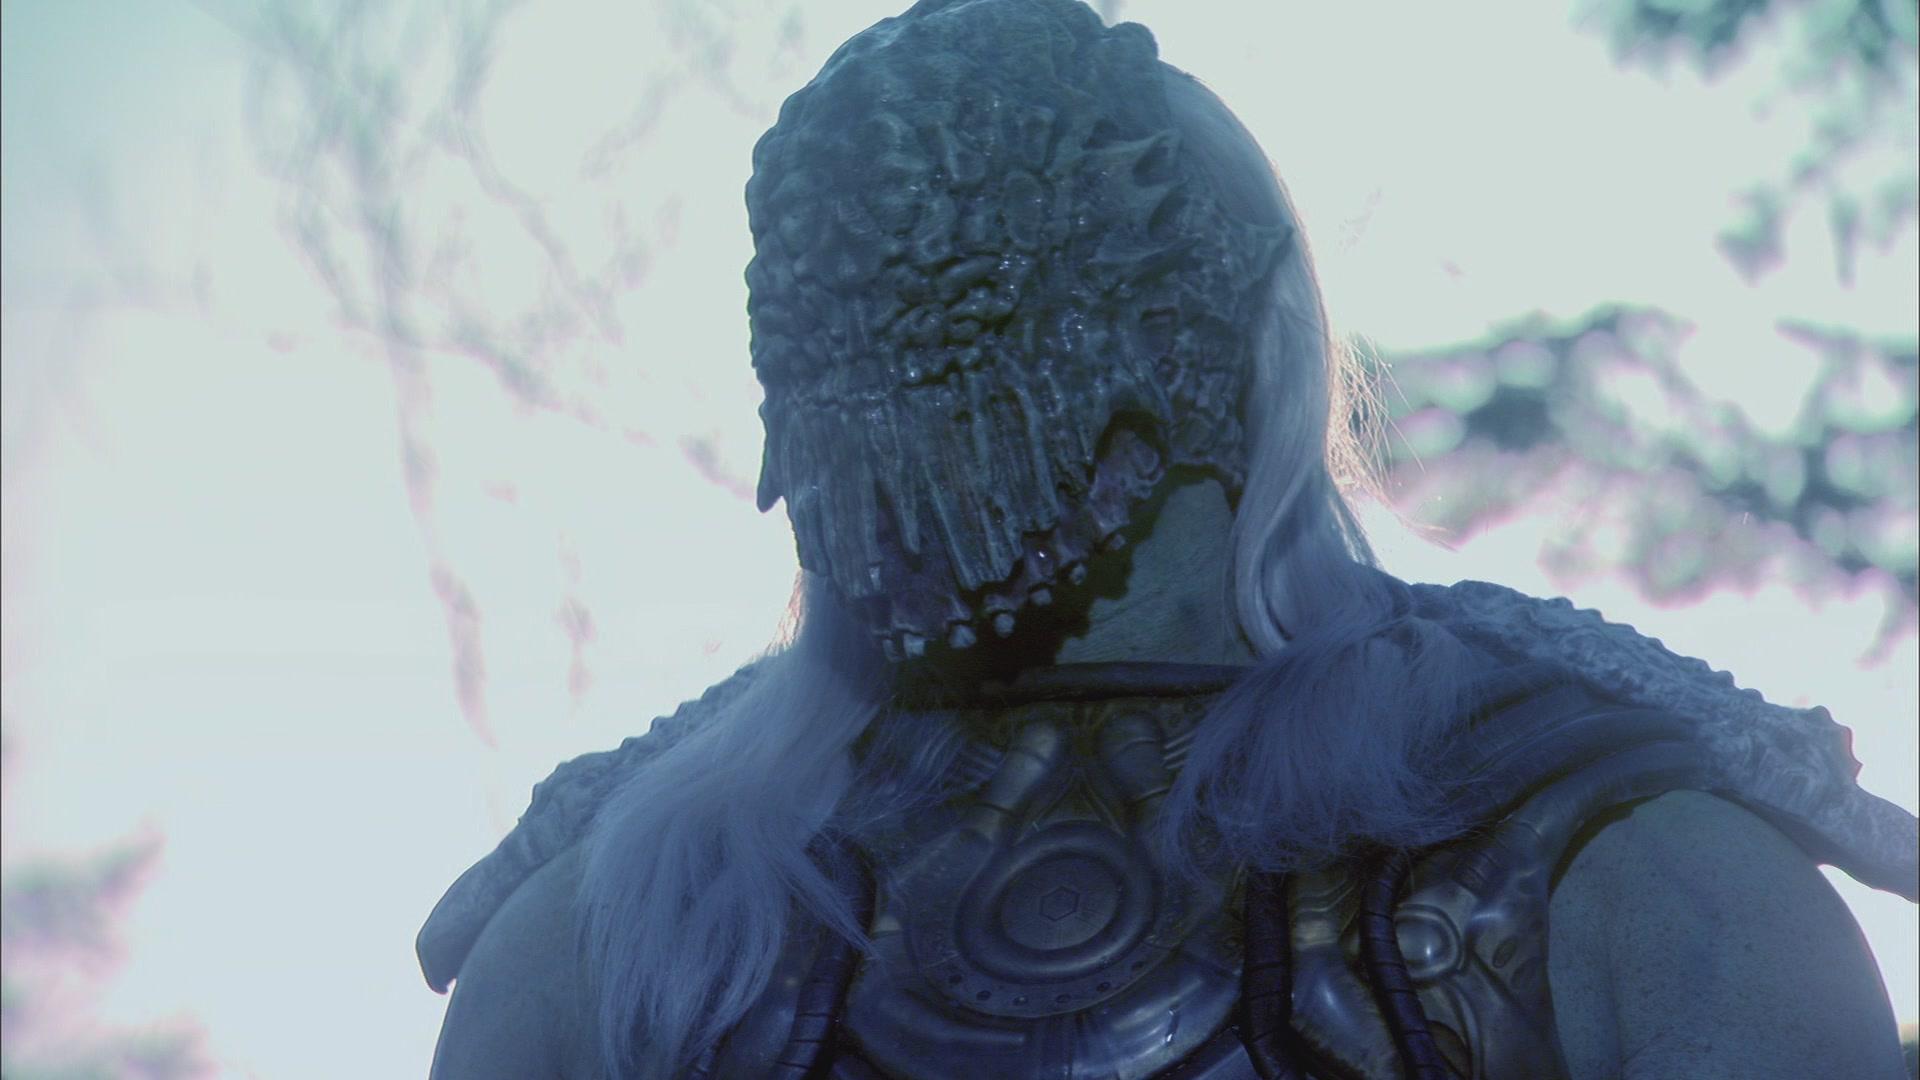 Wraith warrior